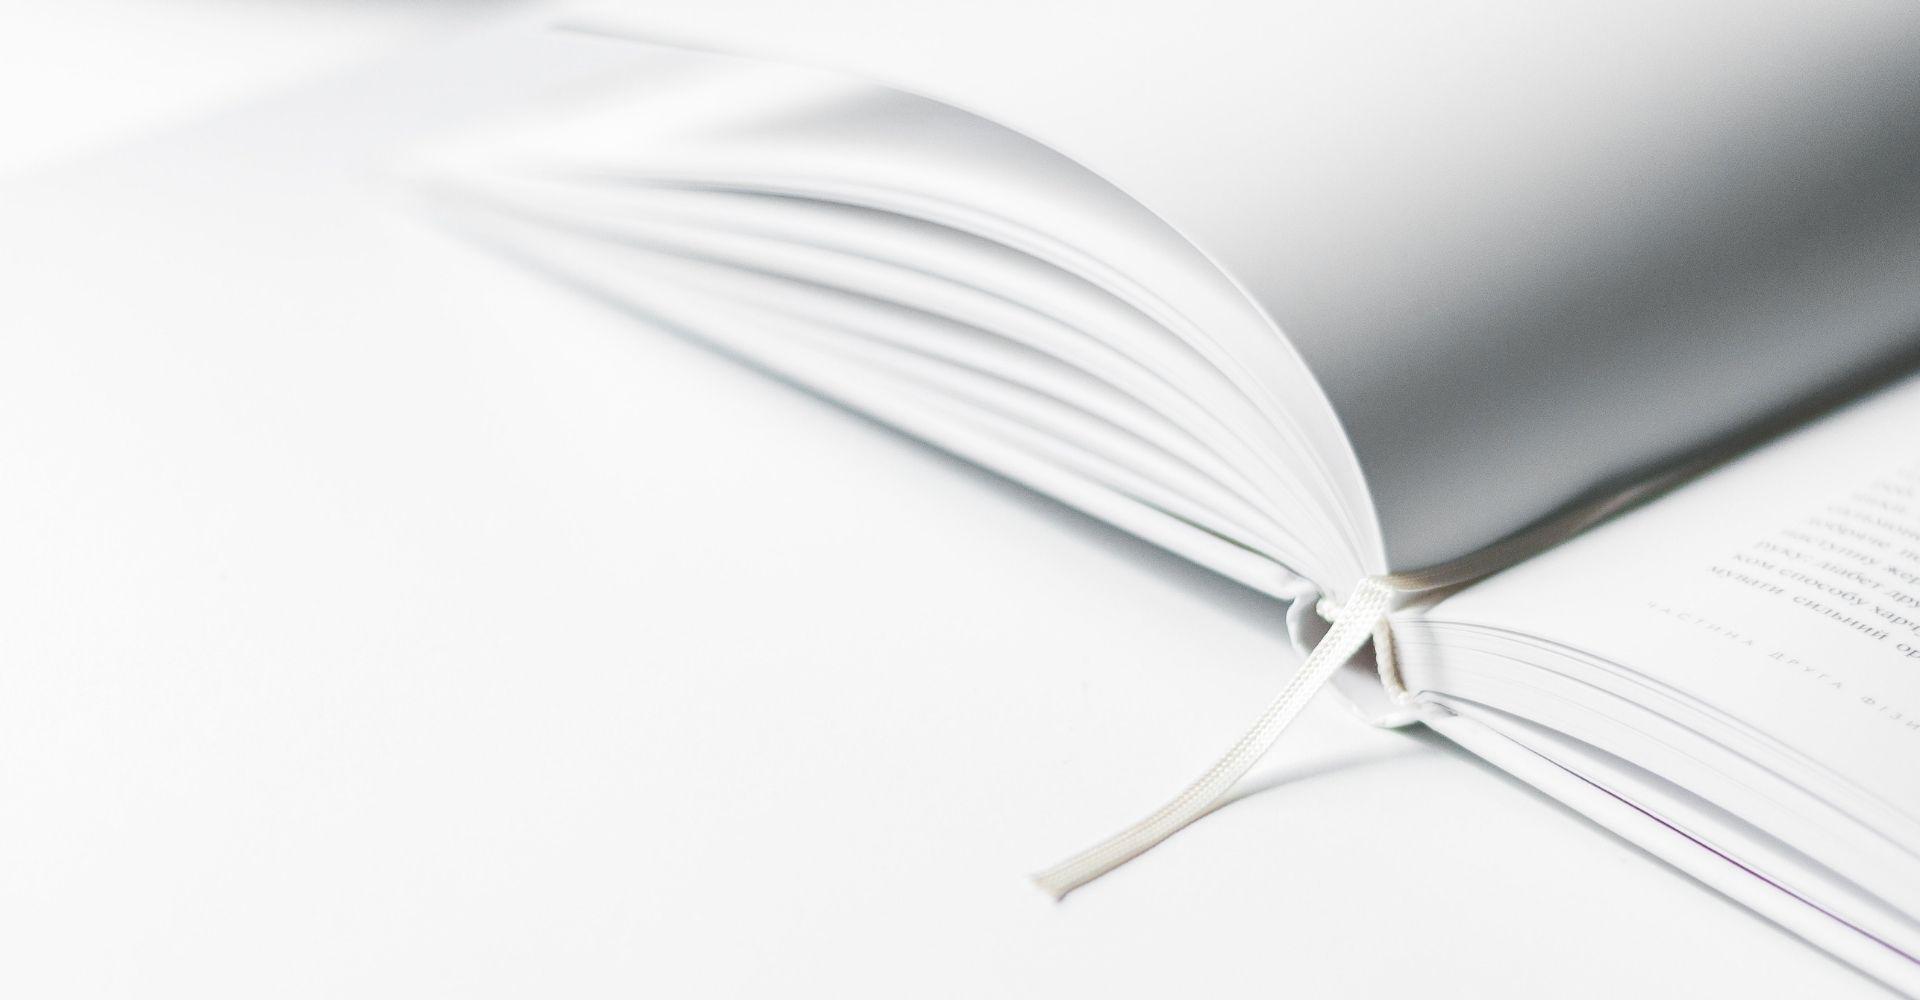 michelle-emerson-write-your-non-fiction-book